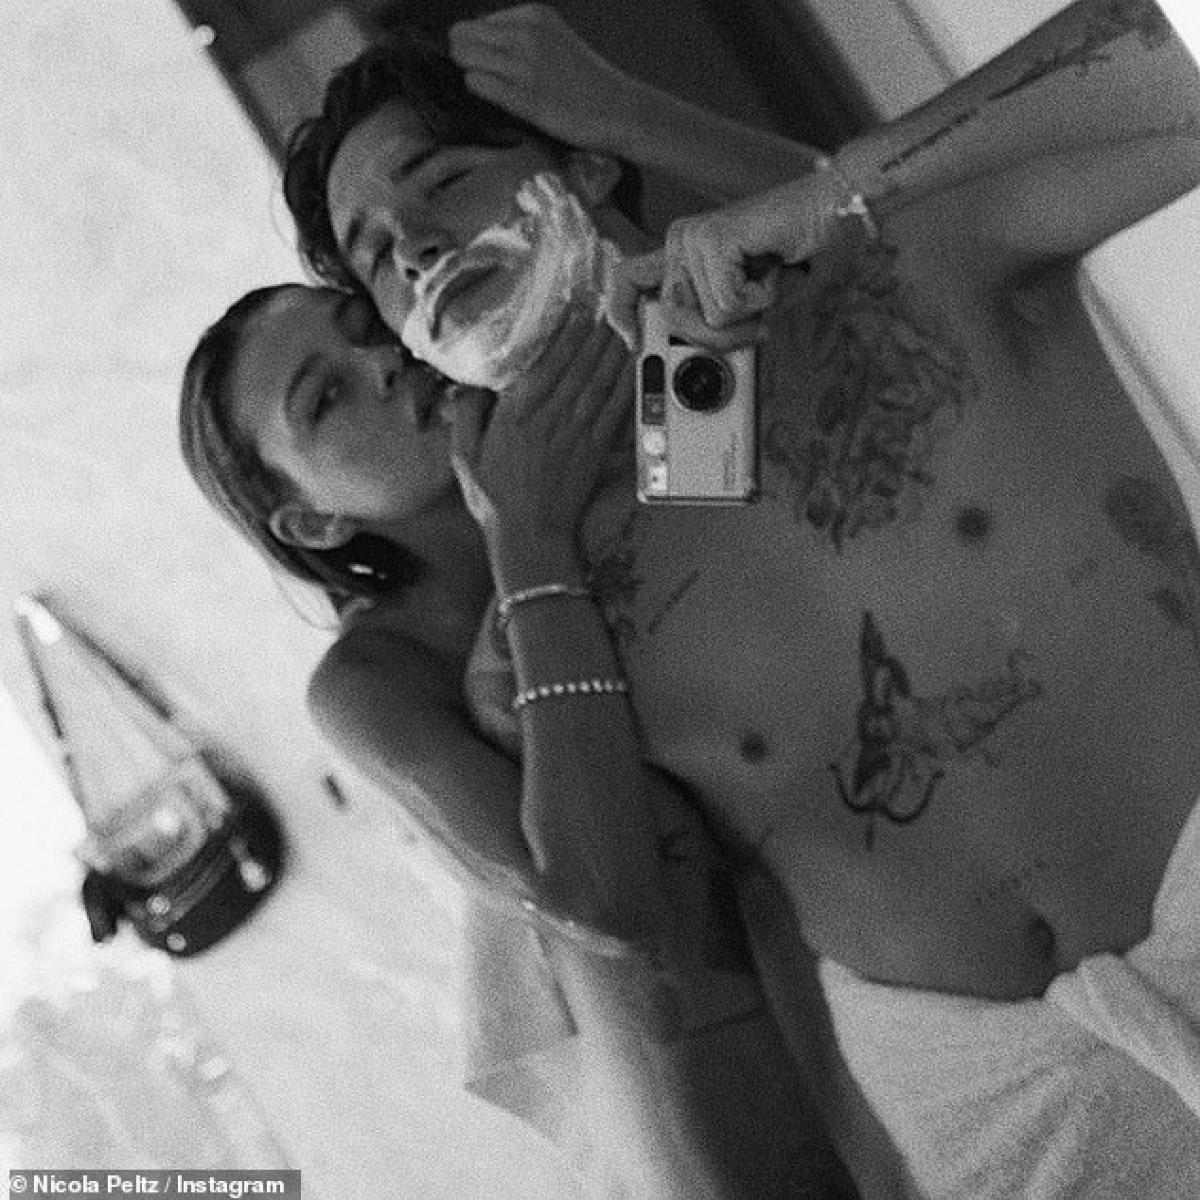 Brooklyn Beckham và Nicola Peltz được cho là đã bí mật kết hôn.